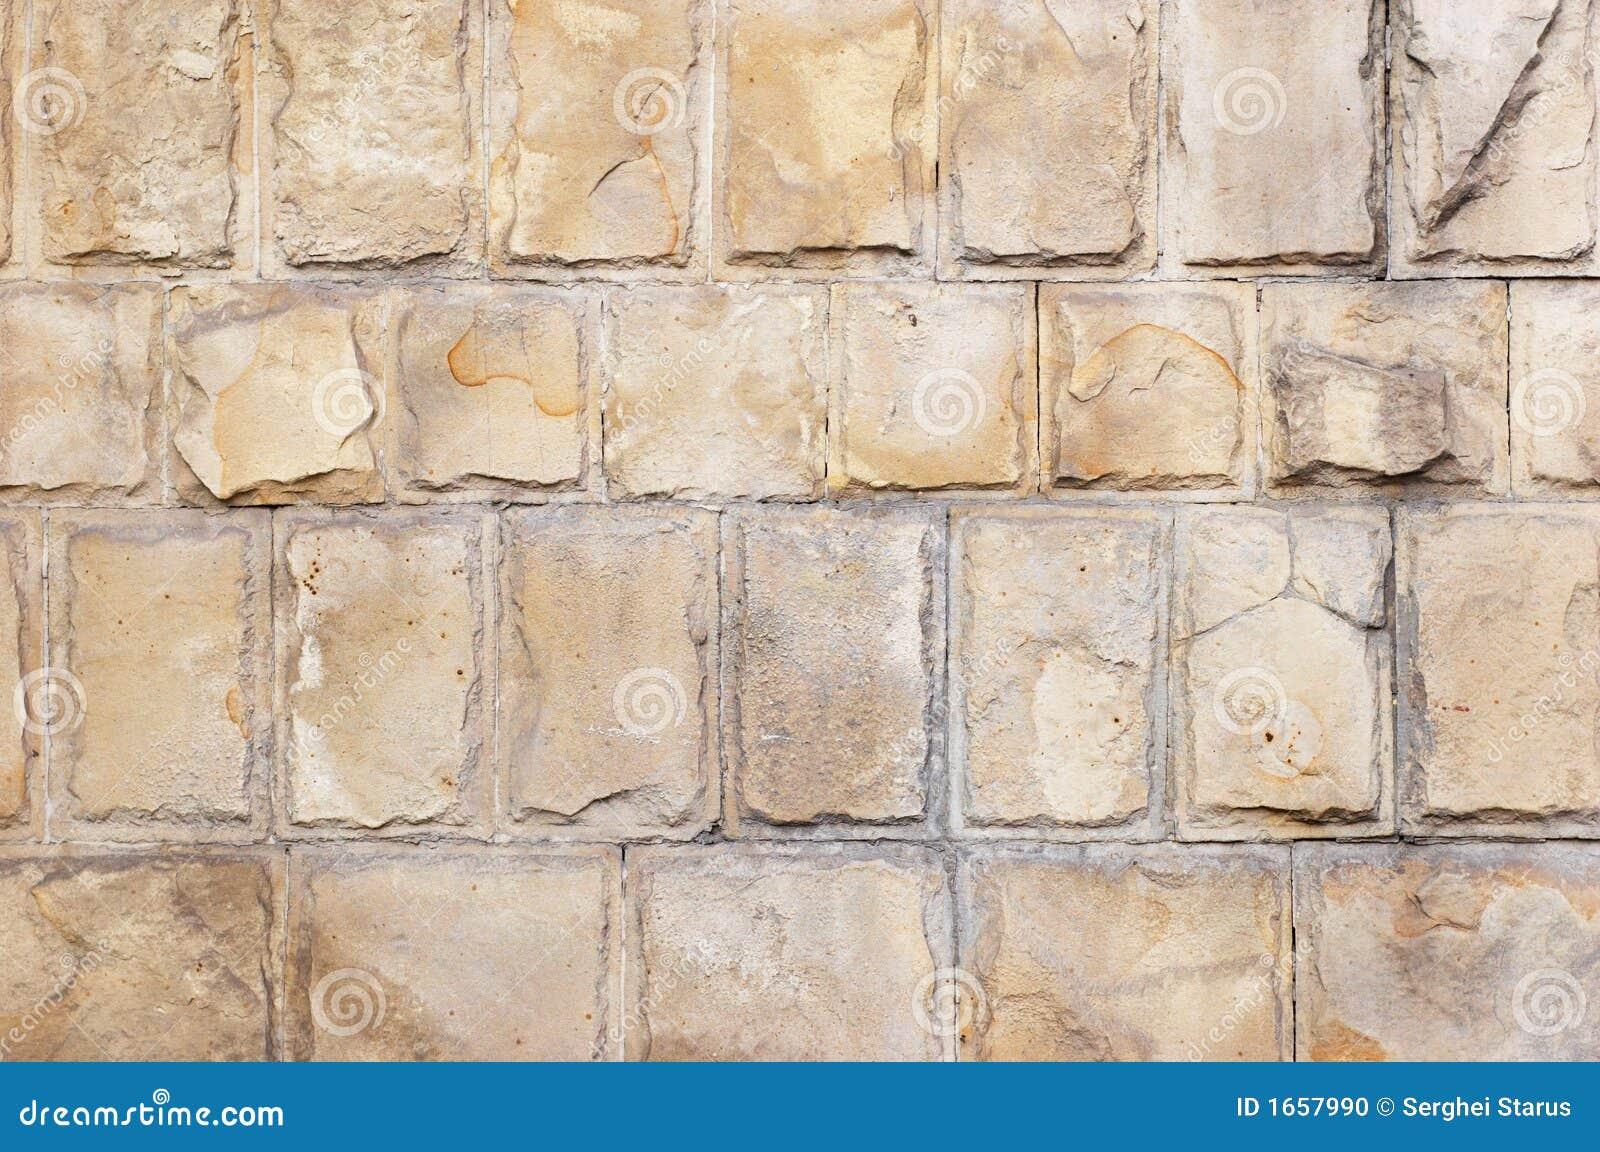 Limestone Bricks Background Stock Photo Image 1657990